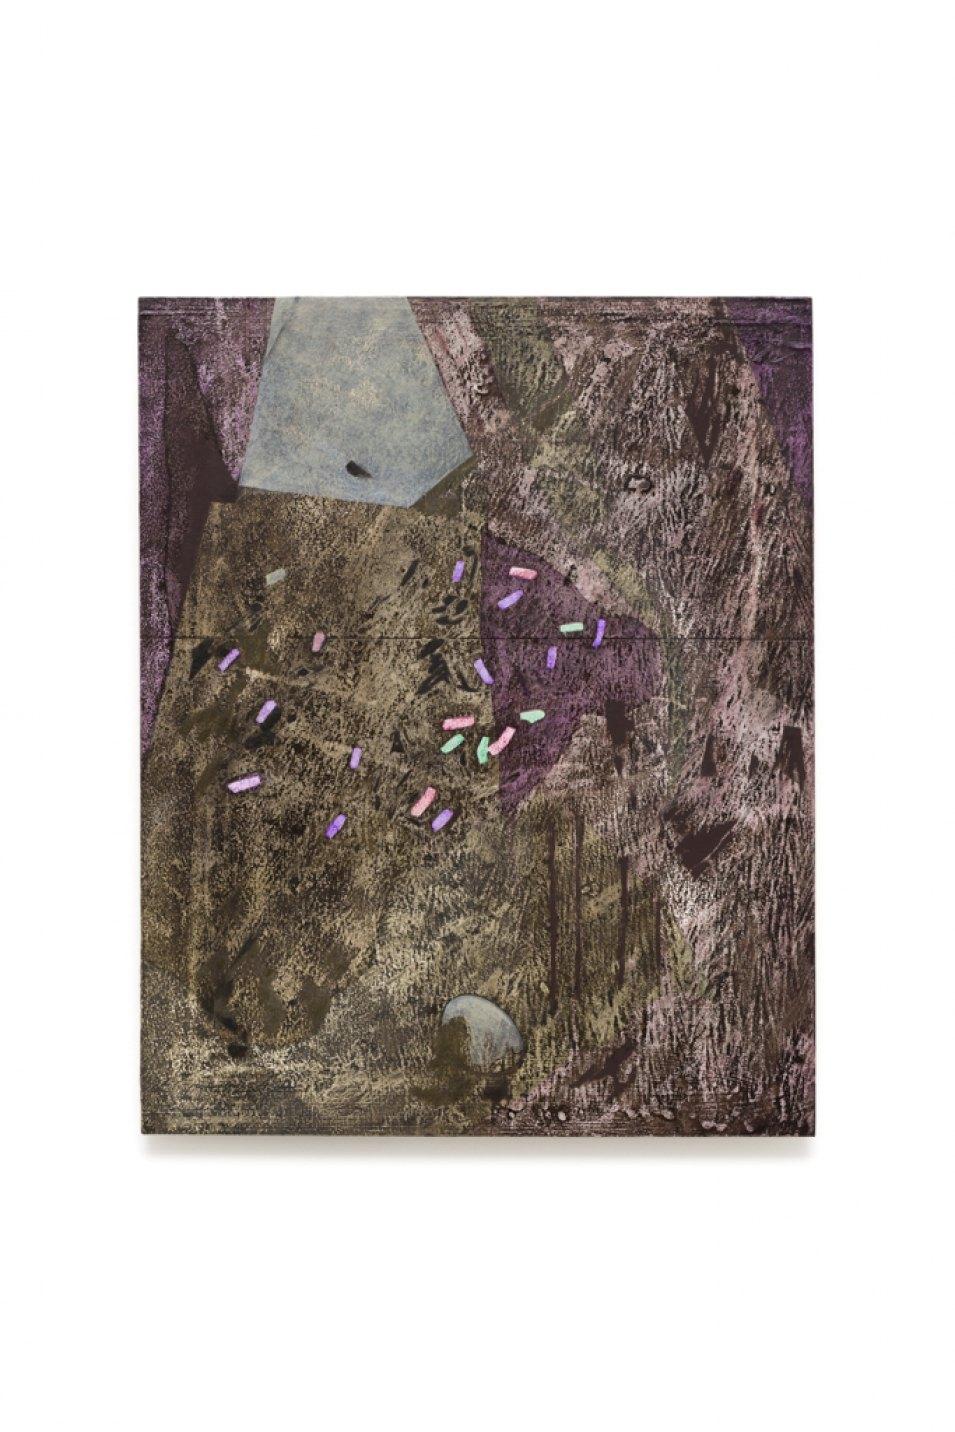 Iulia Nistor,<em> Evidence E5 F6 P2,</em>2017, oil on wood, 50 × 40 cm - Mendes Wood DM